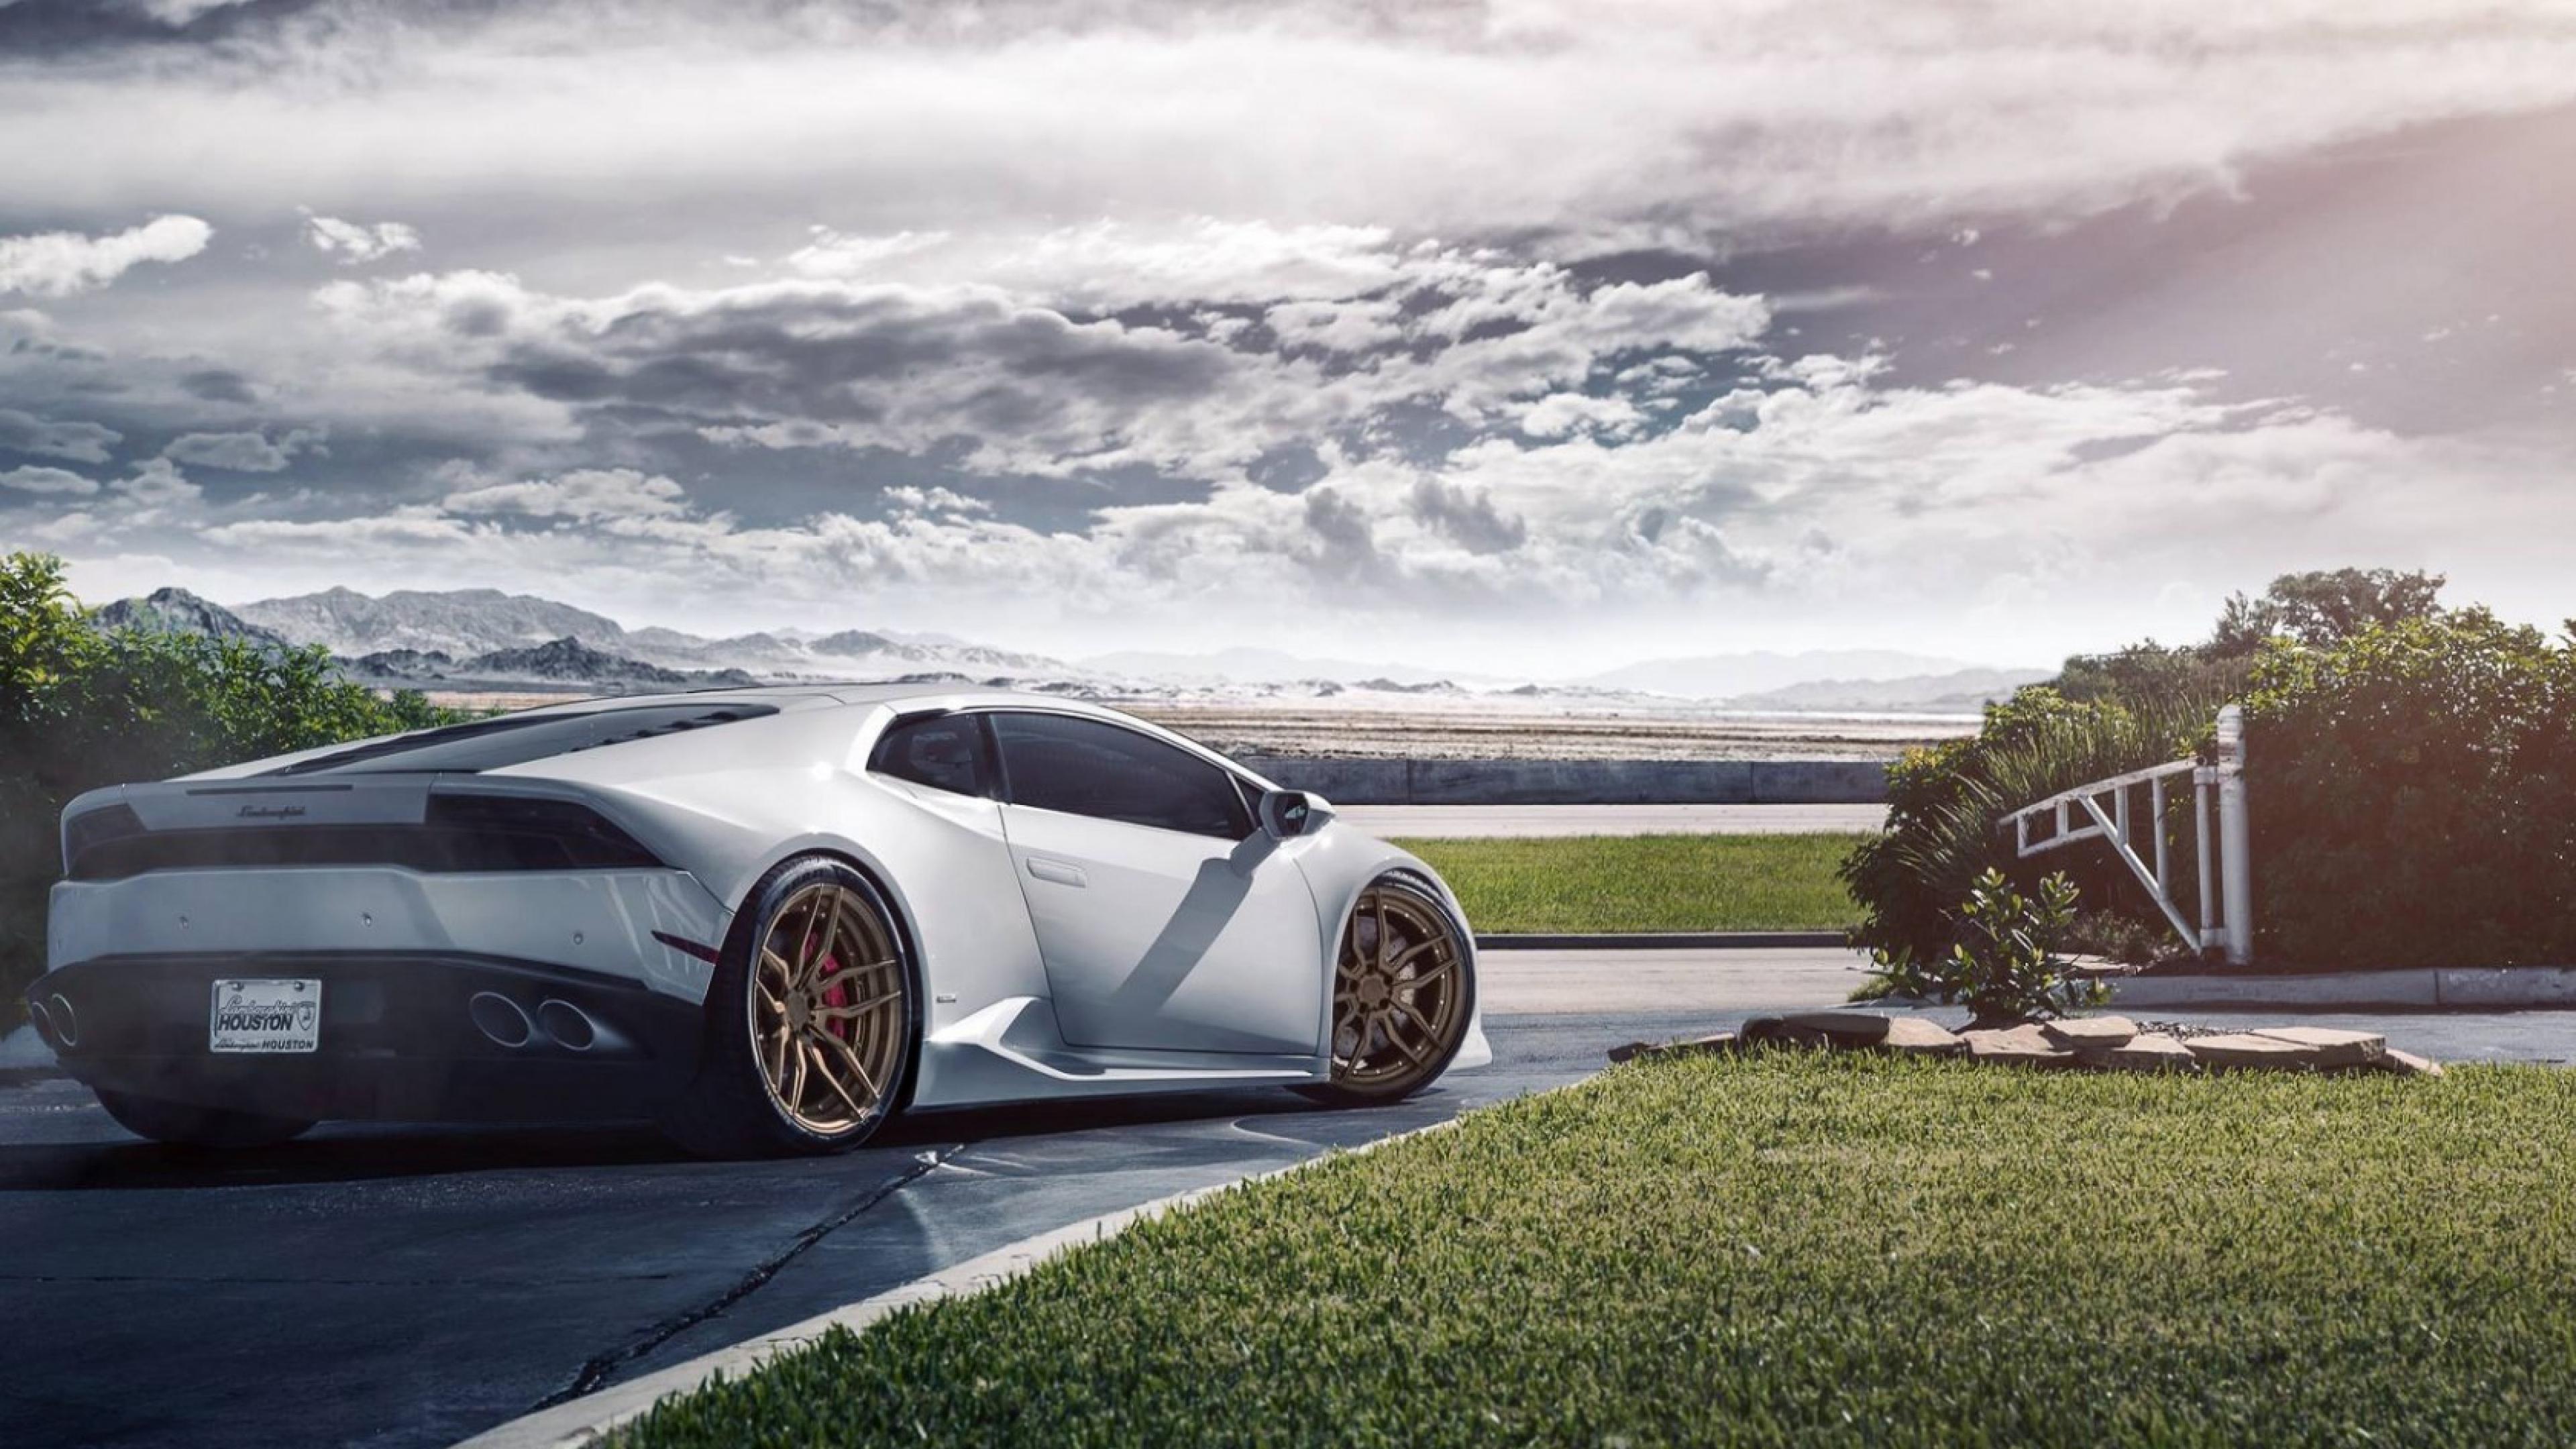 1080x1920 Lamborghini Huaracan White Iphone 7 6s 6 Plus Pixel Xl